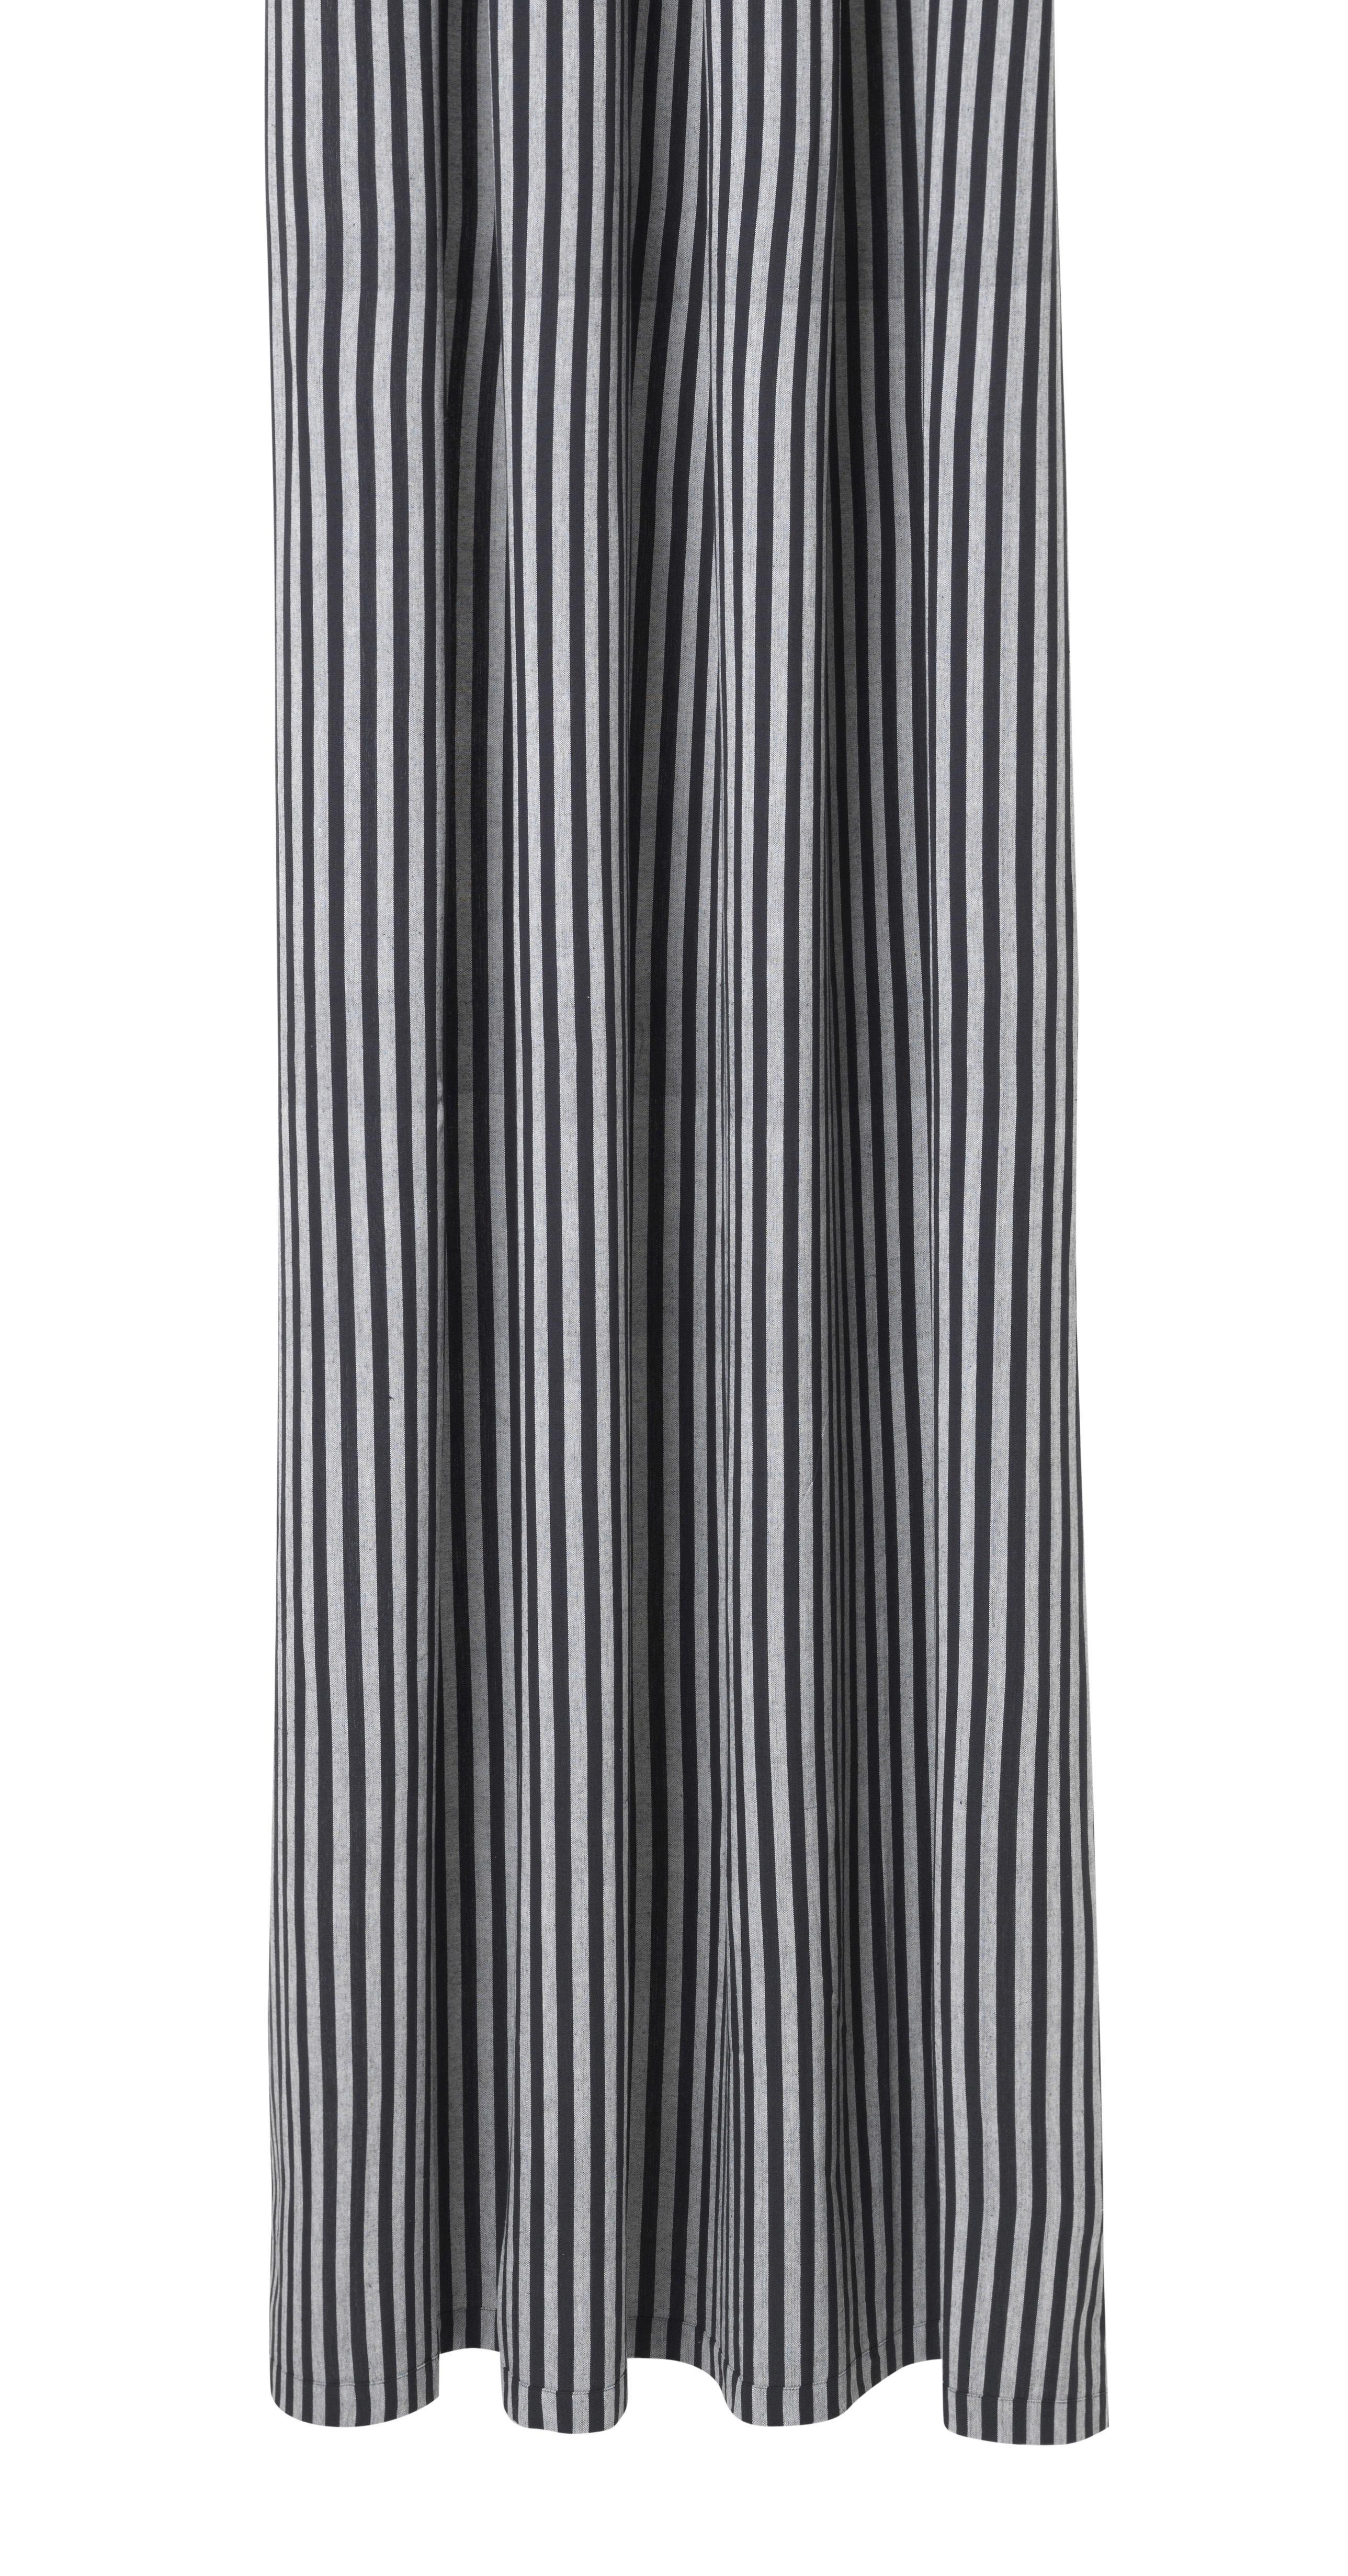 Accessoires - Accessoires für das Bad - Chambray Striped Duschvorhang / 160 x 205 cm - beschichtete Baumwolle - Ferm Living - Streifenmuster / grau & schwarz - beschichtete Baumwolle